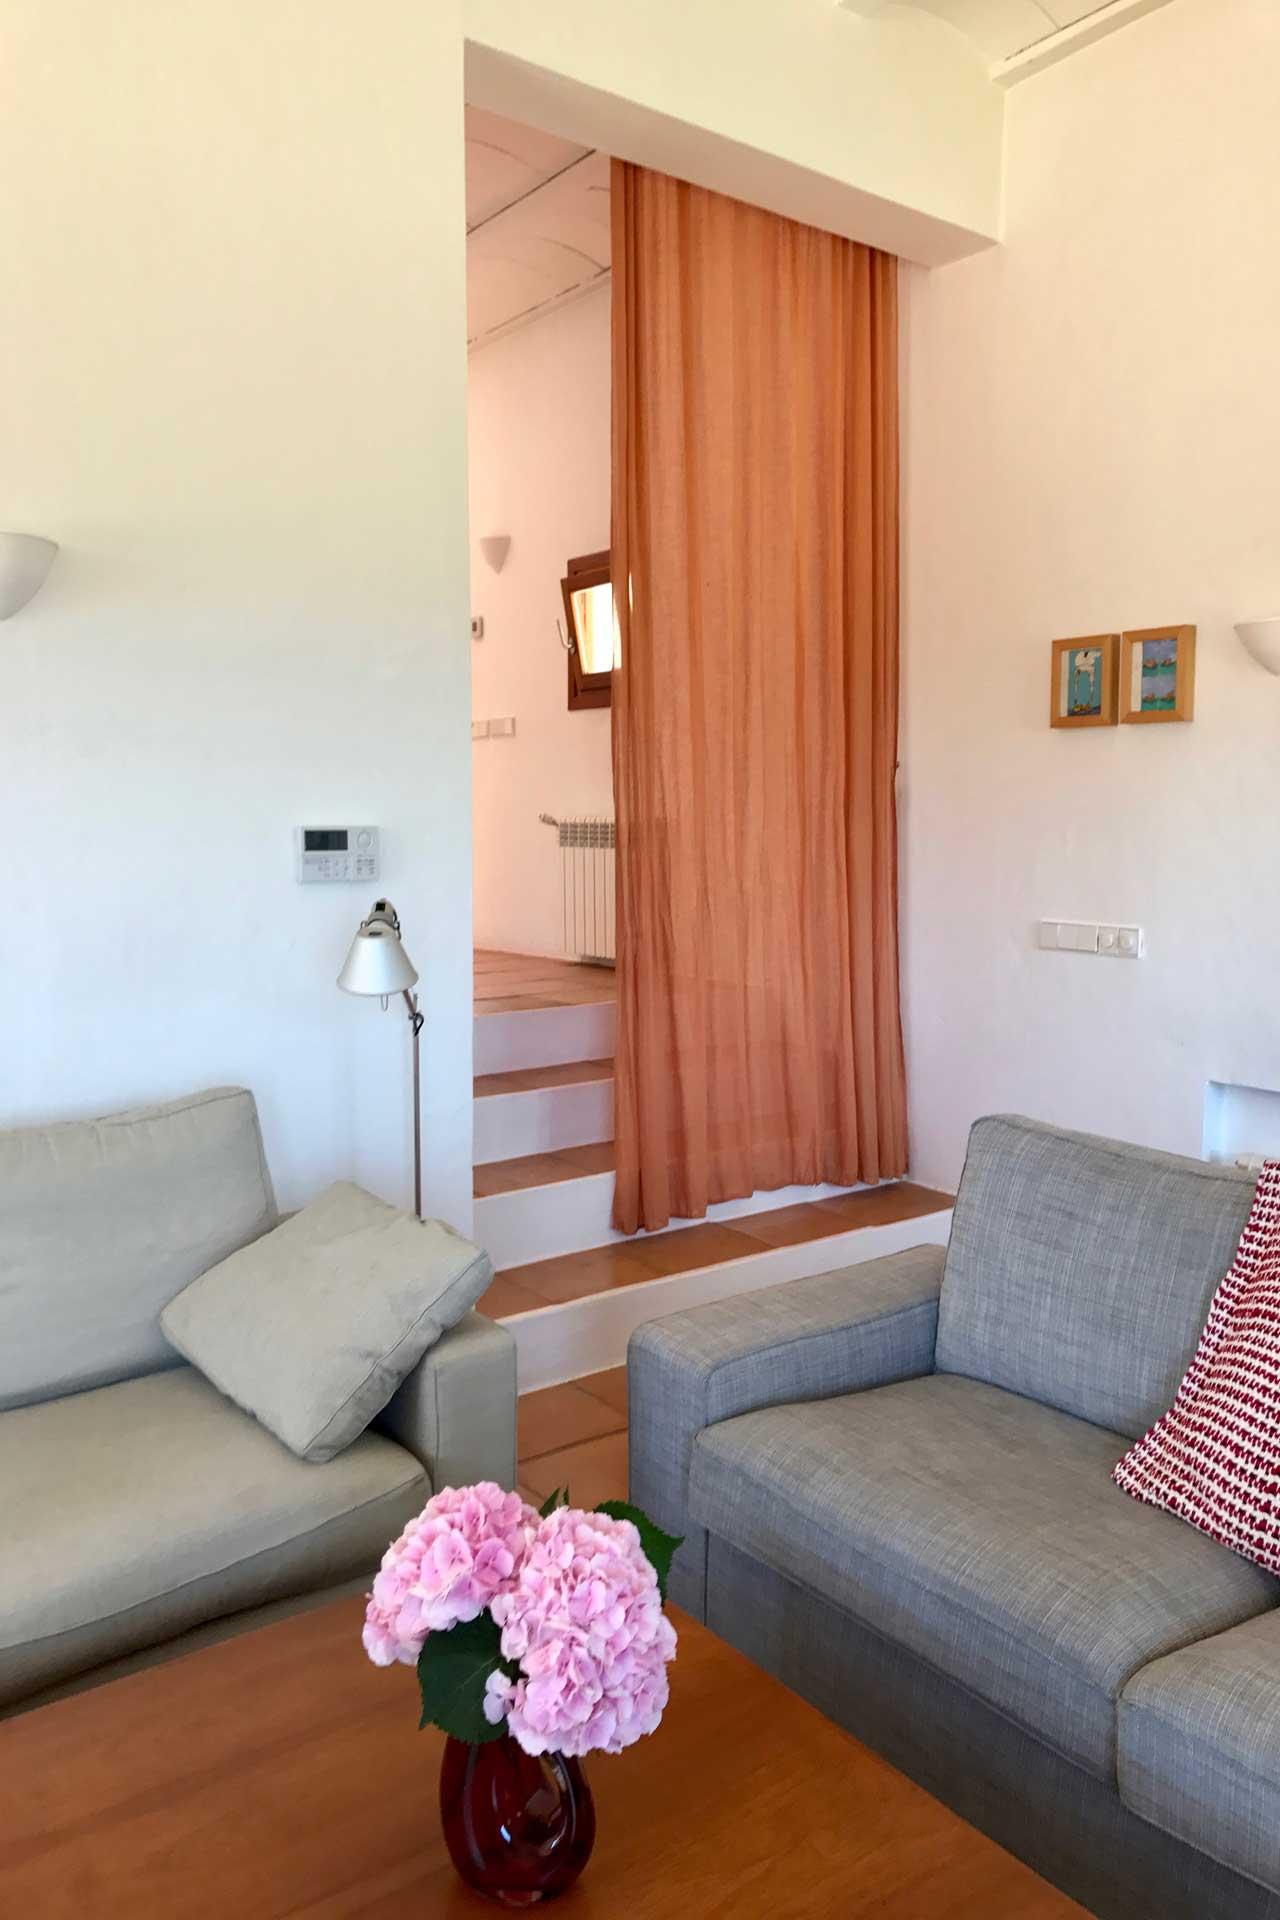 Villa Poeta - Living room